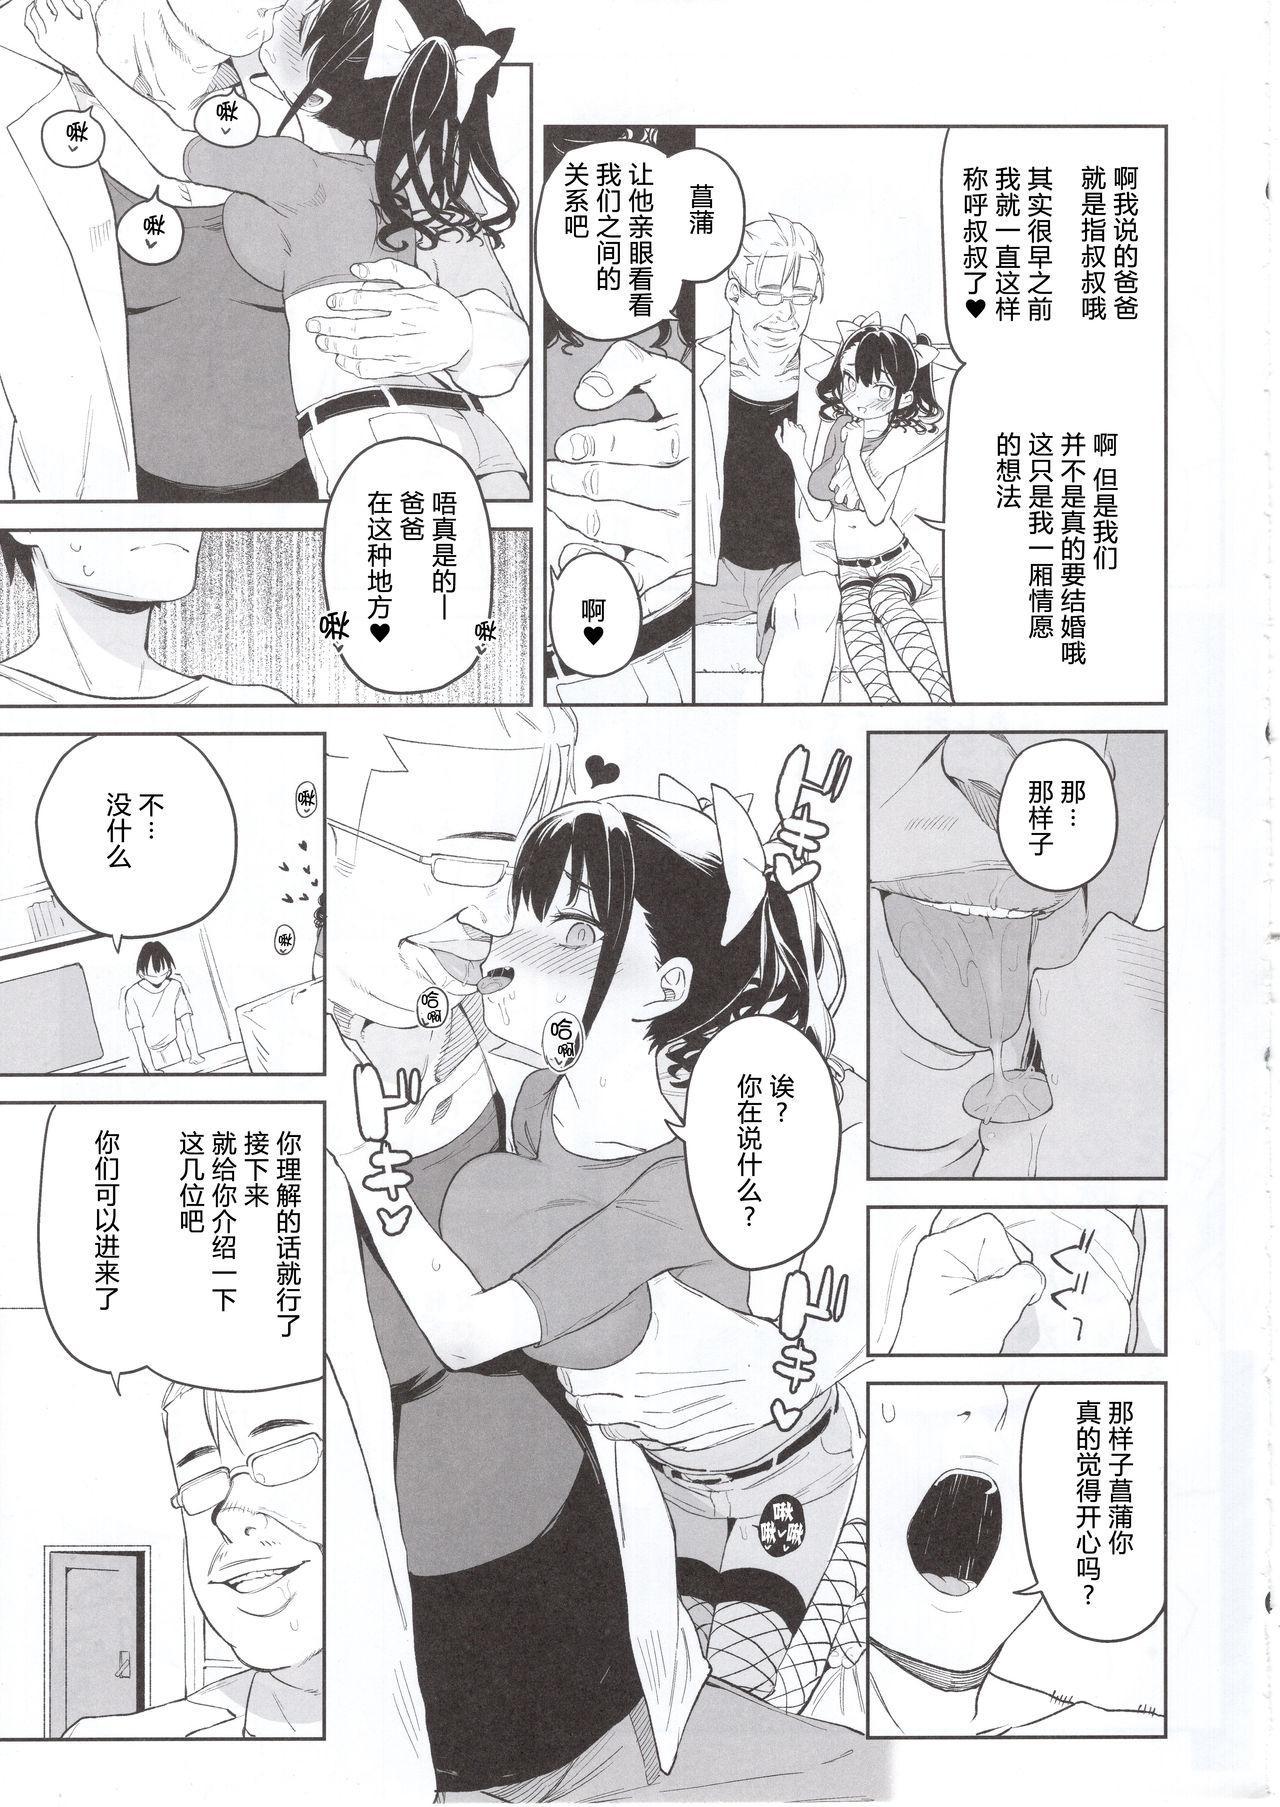 """Ore no Imouto ga Oji-san no """"Onaho"""" ni Naru to Iidashita!!   我的妹妹说要成为叔父的「花嫁」飞机杯!! 20"""